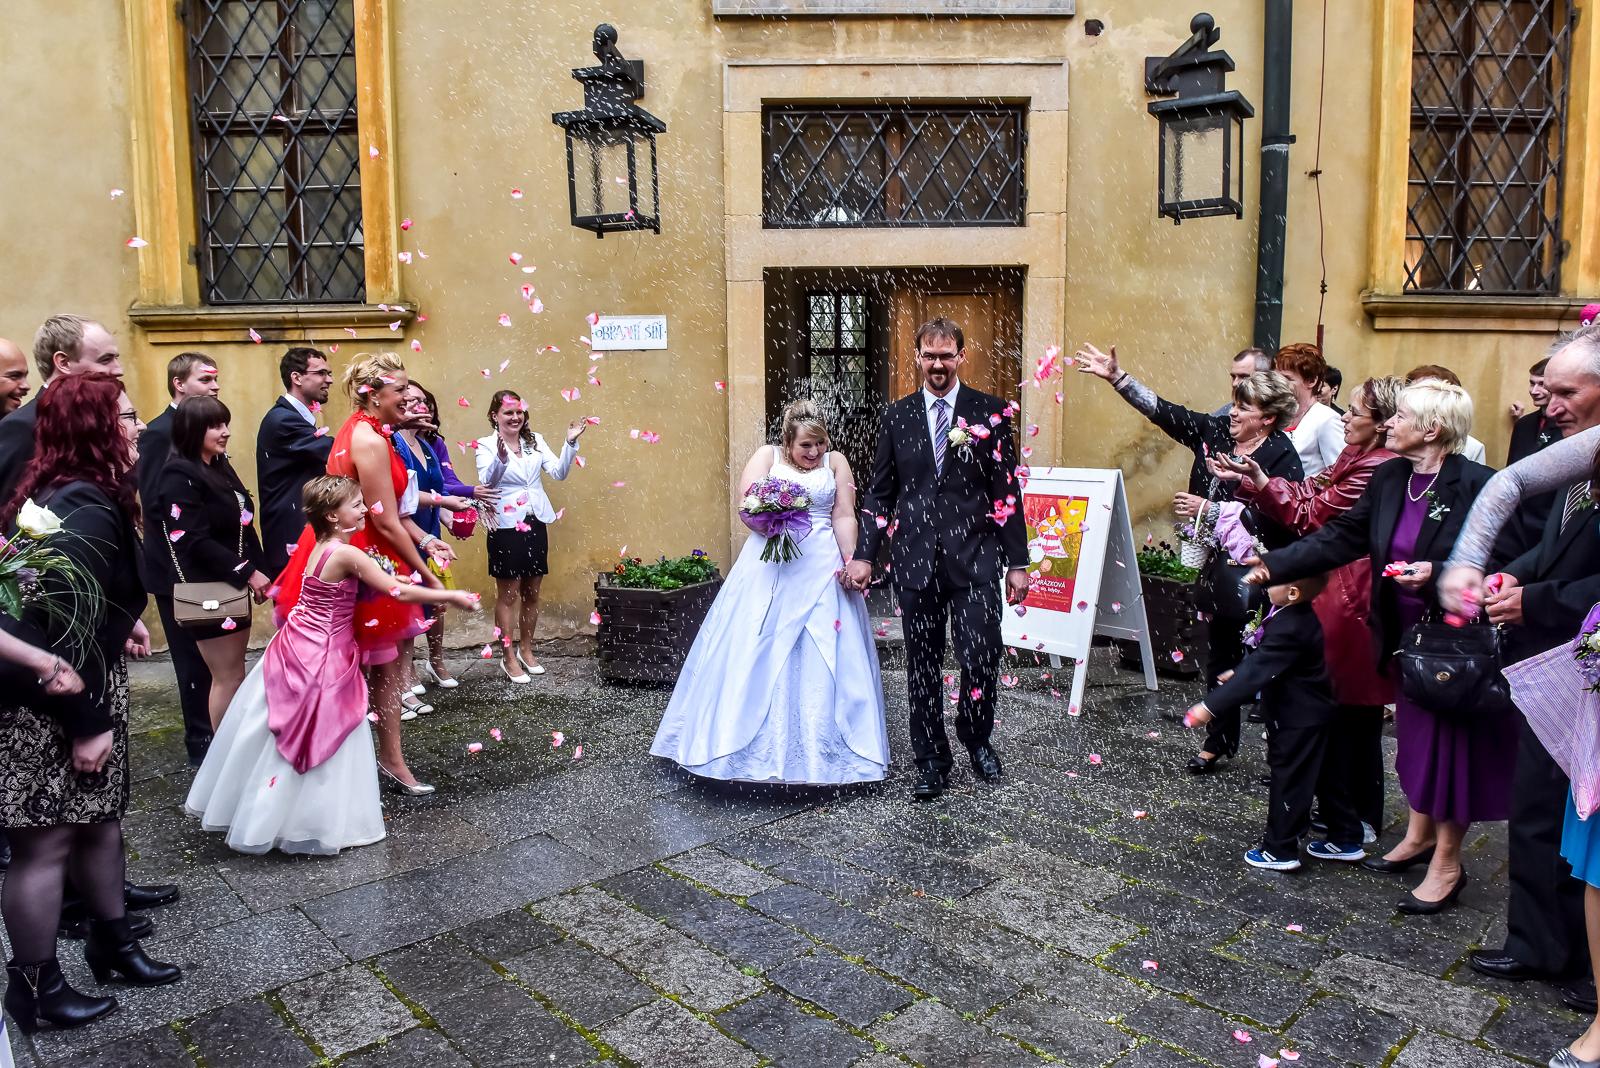 Focení svateb není povinnost, je to radost!